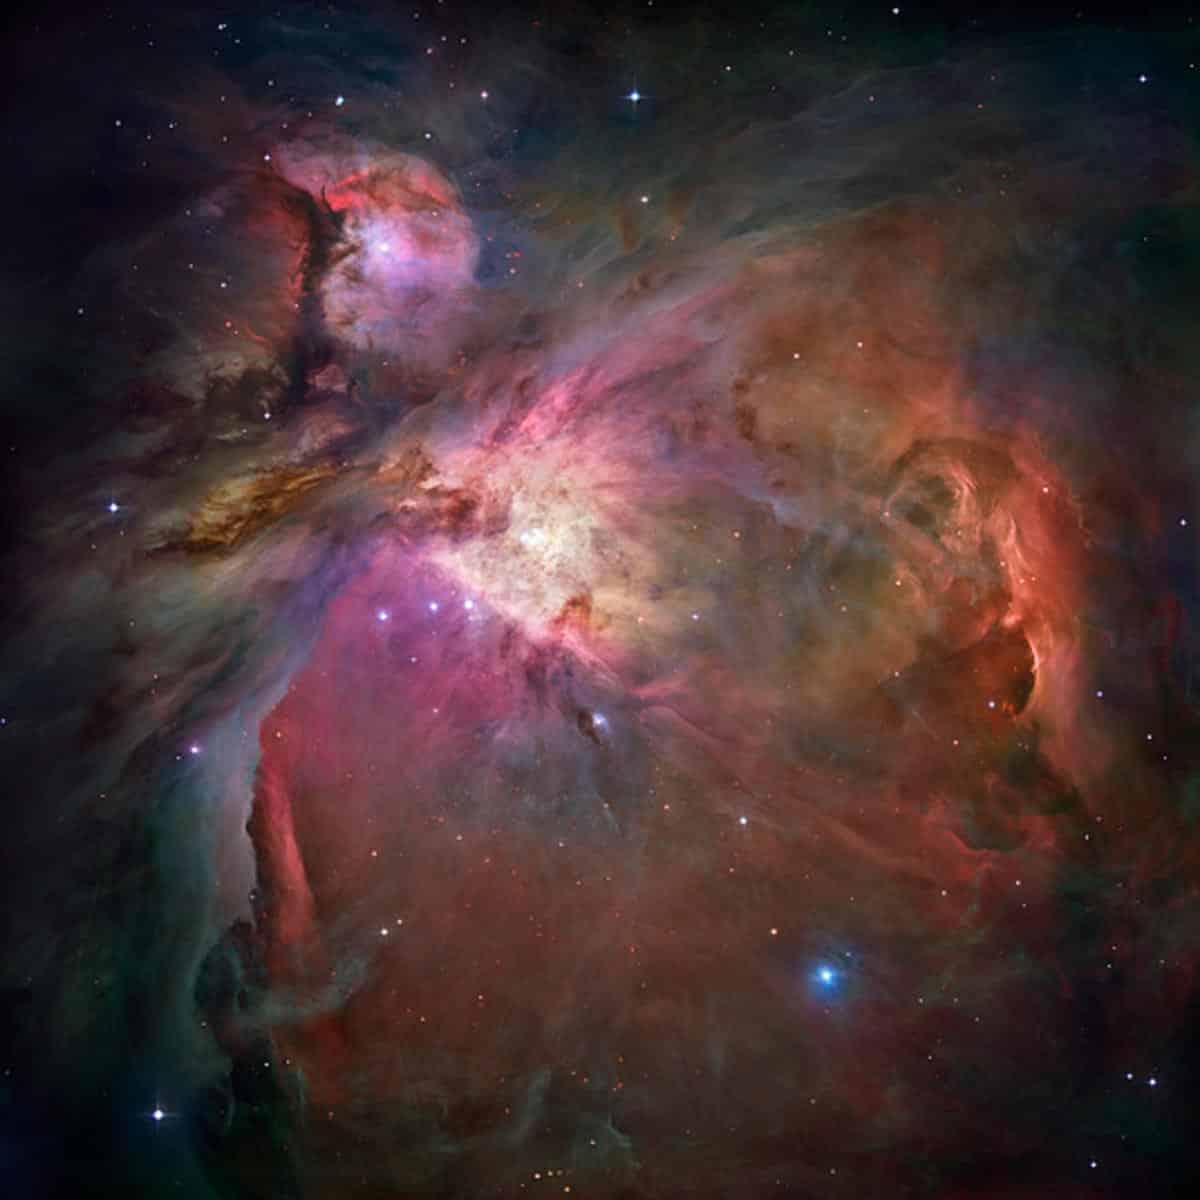 21. La nébuleuse d'Orion. Une image qui a plus de 3 000 étoiles de tailles différentes. (Photo : NASA/ESA/Hubble)